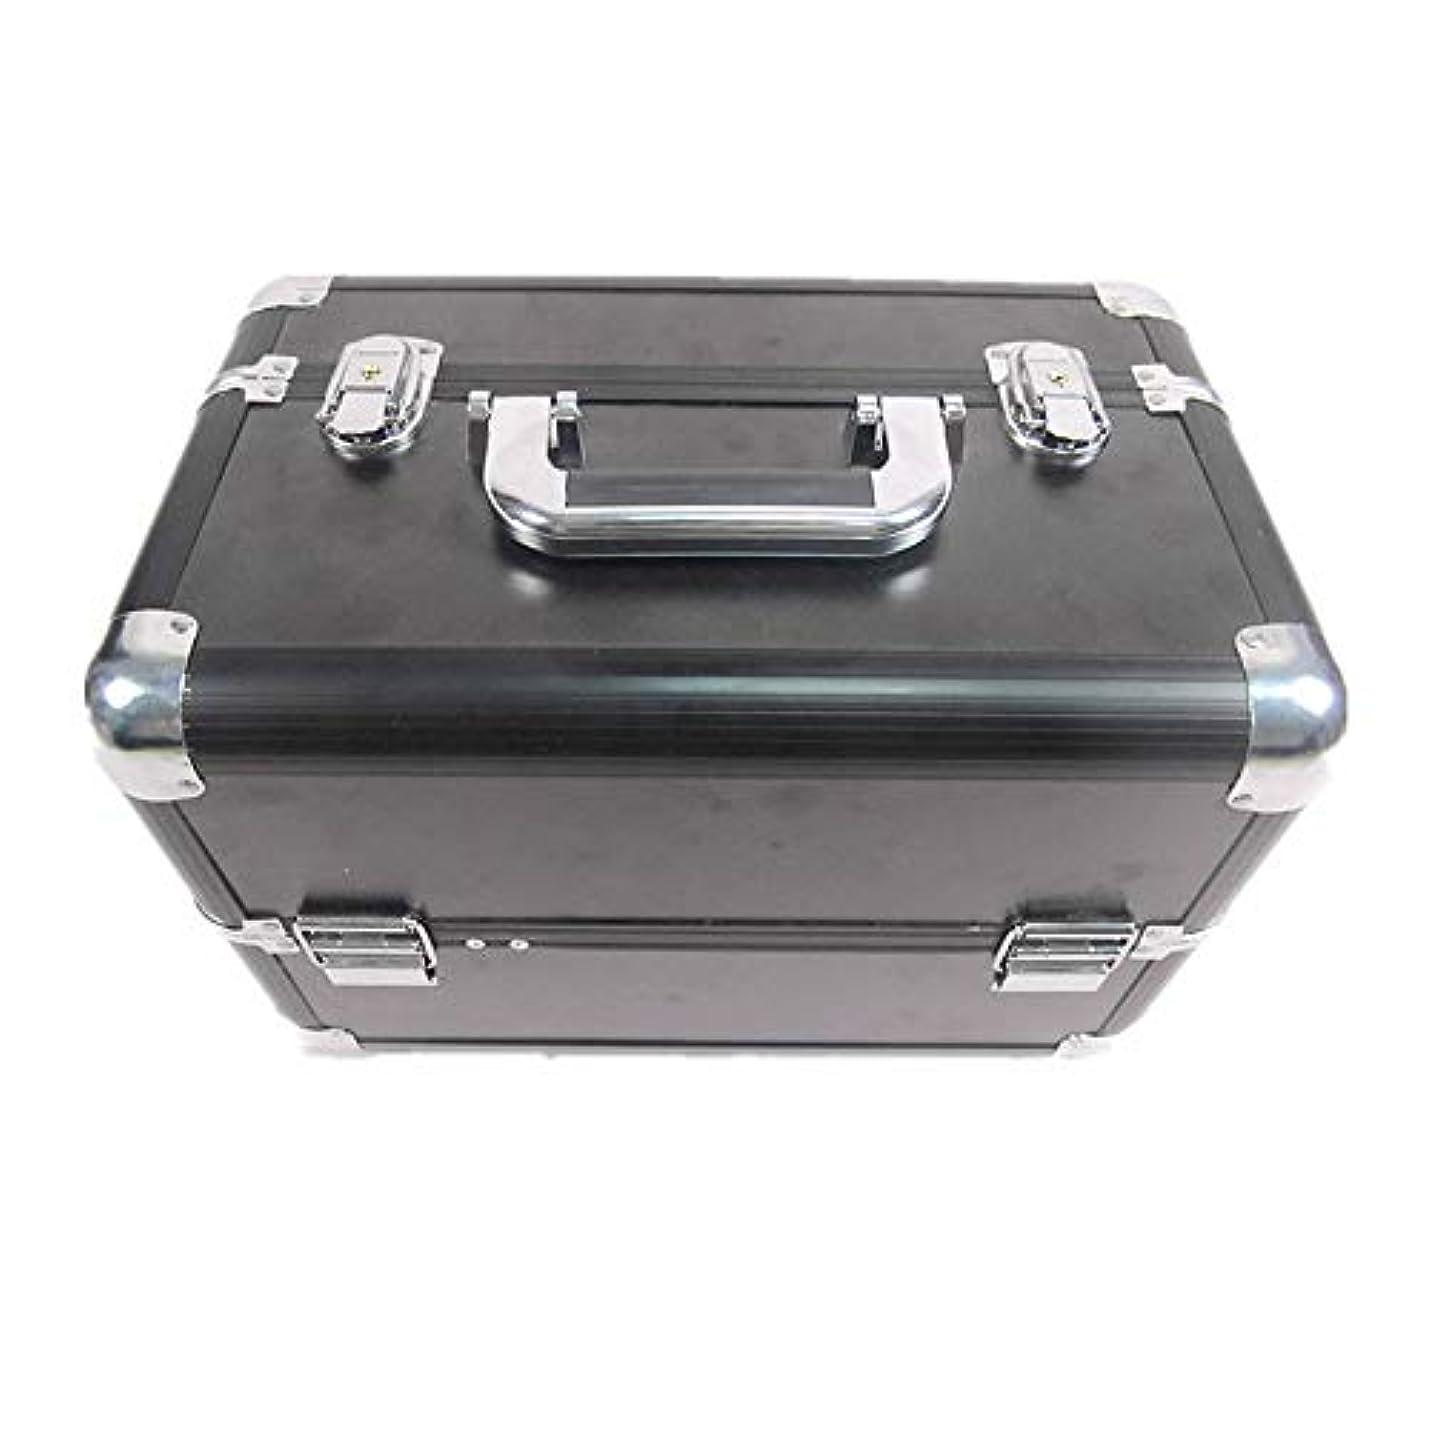 一定内陸買う化粧オーガナイザーバッグ 大容量ポータブル化粧ケース(トラベルアクセサリー用)シャンプーボディウォッシュパーソナルアイテム収納トレイ(エクステンショントレイ付) 化粧品ケース